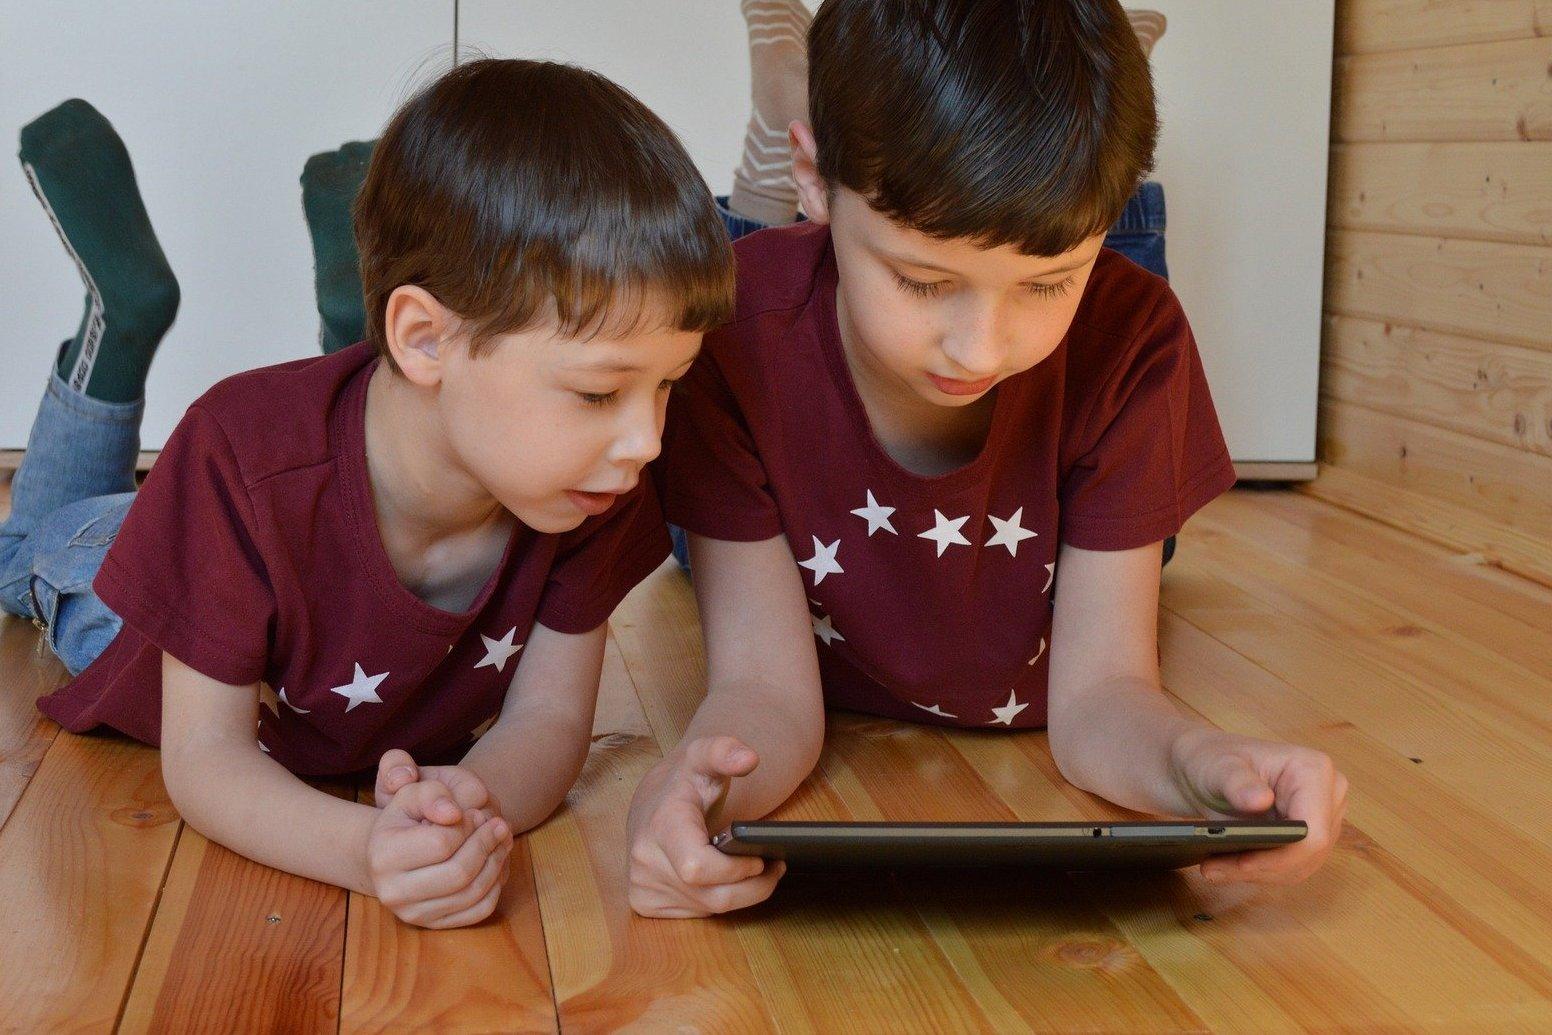 Психолог Таланов рассказал о способах оградить детей от кибертерроризма